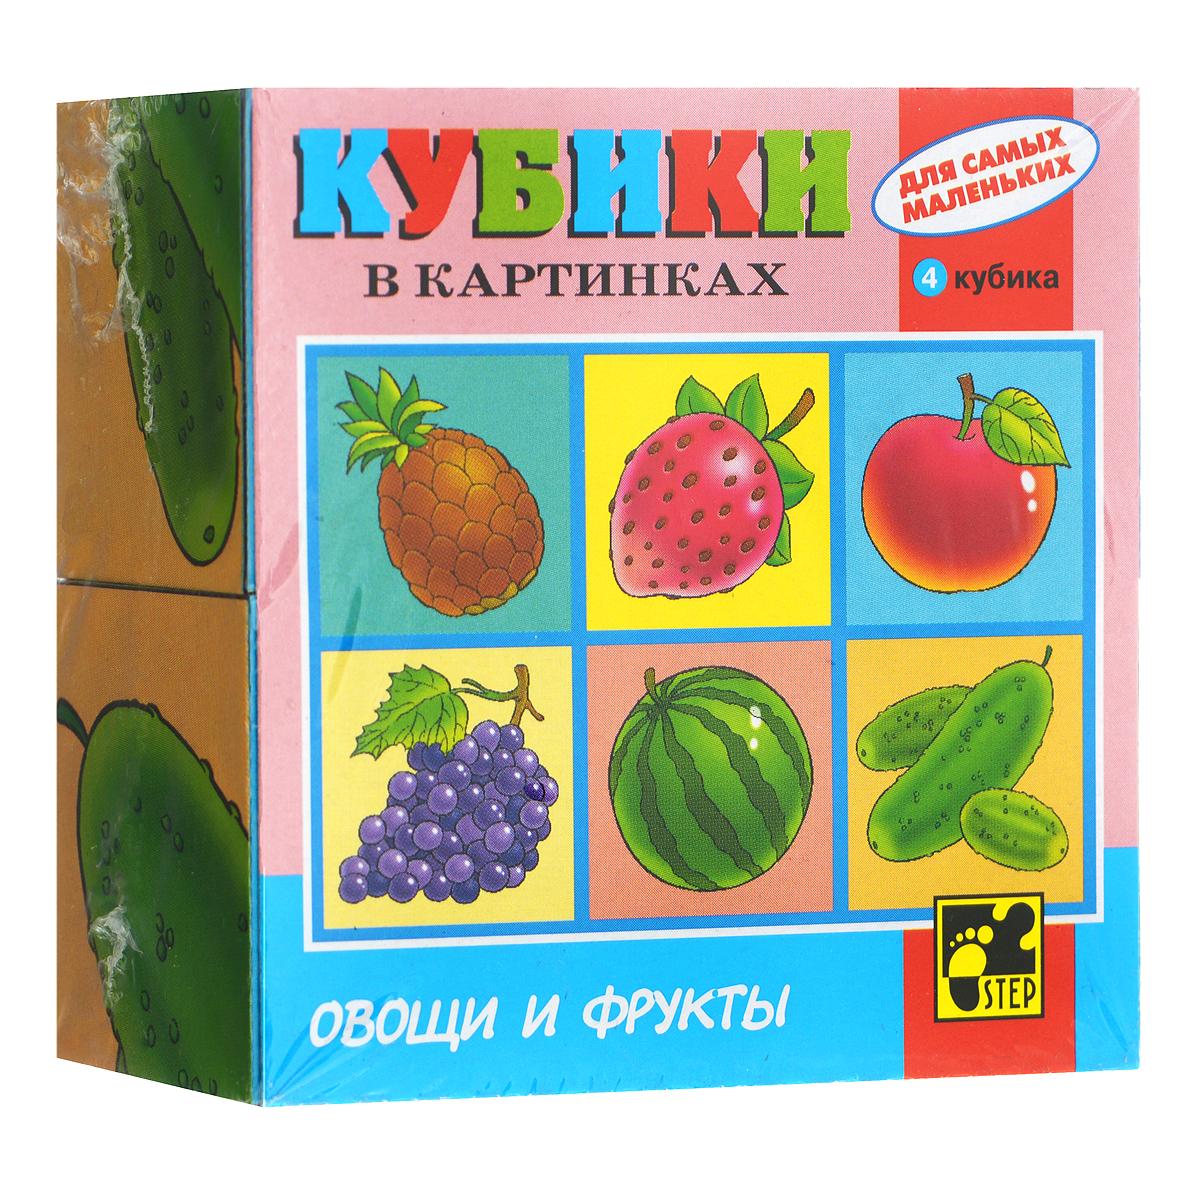 Кубики StepPuzzle Овощи и фрукты87315_овощи и фруктыКубики StepPuzzle Овощи и фрукты включают в себя 4 кубика, на каждой грани которых расположен элемент рисунка. Составляя кубики, малыш сможет собрать 6 красочных картинок с изображением различных овощей и фруктов. Кубики выполнены из прочного безопасного пластика. Их грани идеально ровные, малышу непременно понравится держать их в руках, рассматривать и строить из них различные конструкции. А собирание ярких картинок поможет малышу развить навыки логического мышления и поможет ему познакомиться с разными цветами и их названиями. Игры с кубиками развивают мелкую моторику рук, цветовое восприятие и пространственное мышление. Ребенку непременно понравится учиться и играть с кубиками, такие игры не только надолго займут внимание малыша, но и помогут ему развить мелкую моторику, пространственное мышление, зрительное и тактильное восприятие, а также воображение и координацию движений.